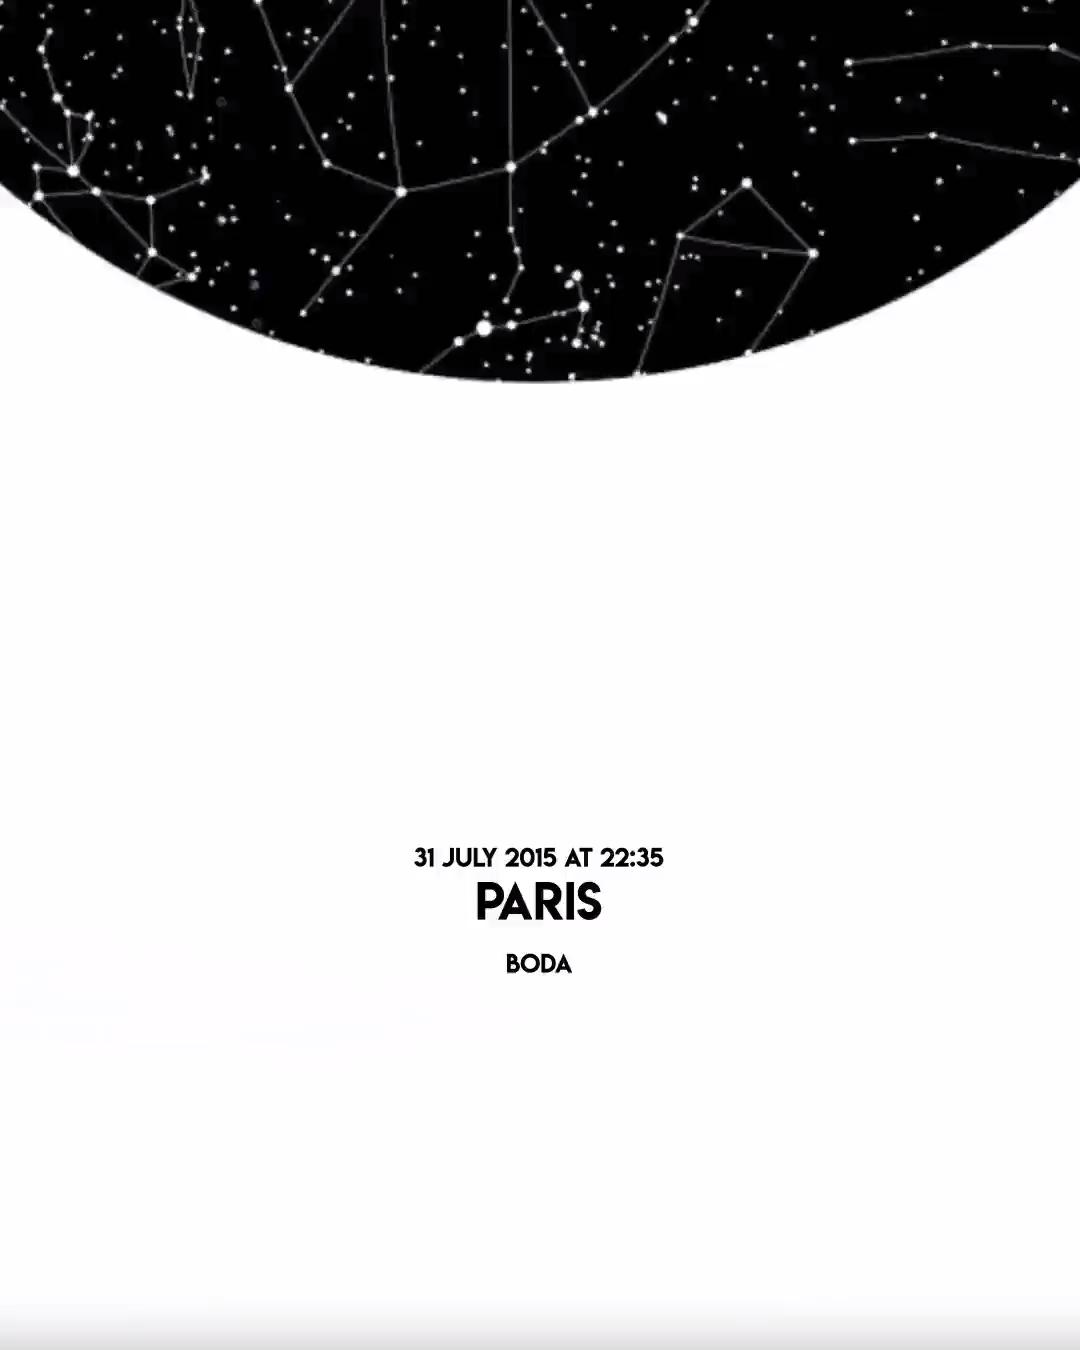 Mapa De Estrellas Personalizado Video Mapa De Constelaciones Mapa De Las Estrellas Mapa Constelaciones